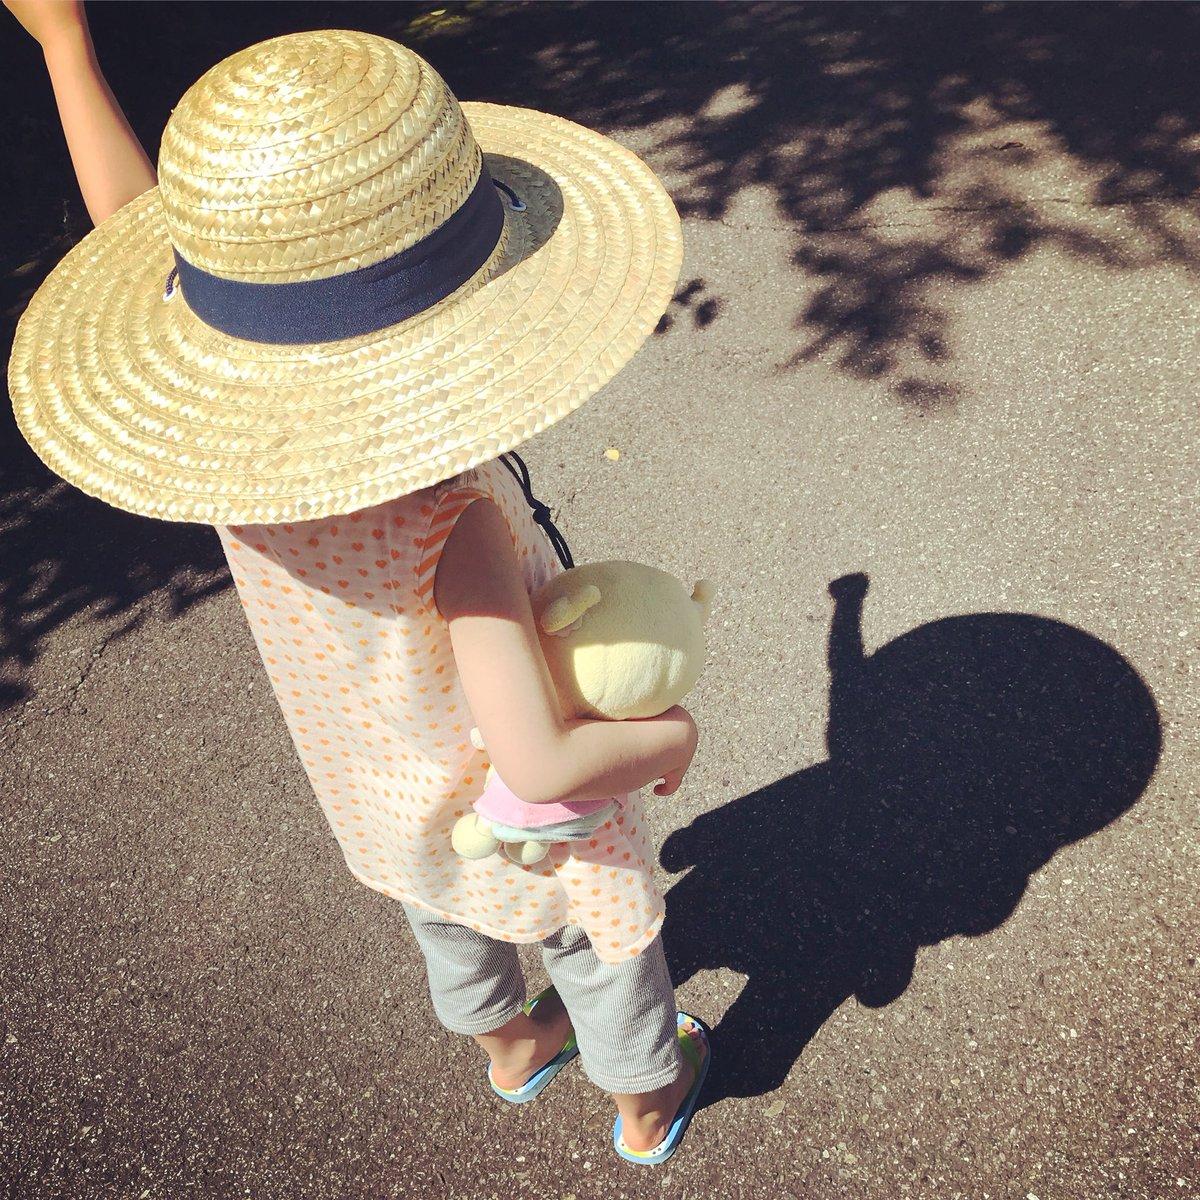 上村恭子さんの投稿画像